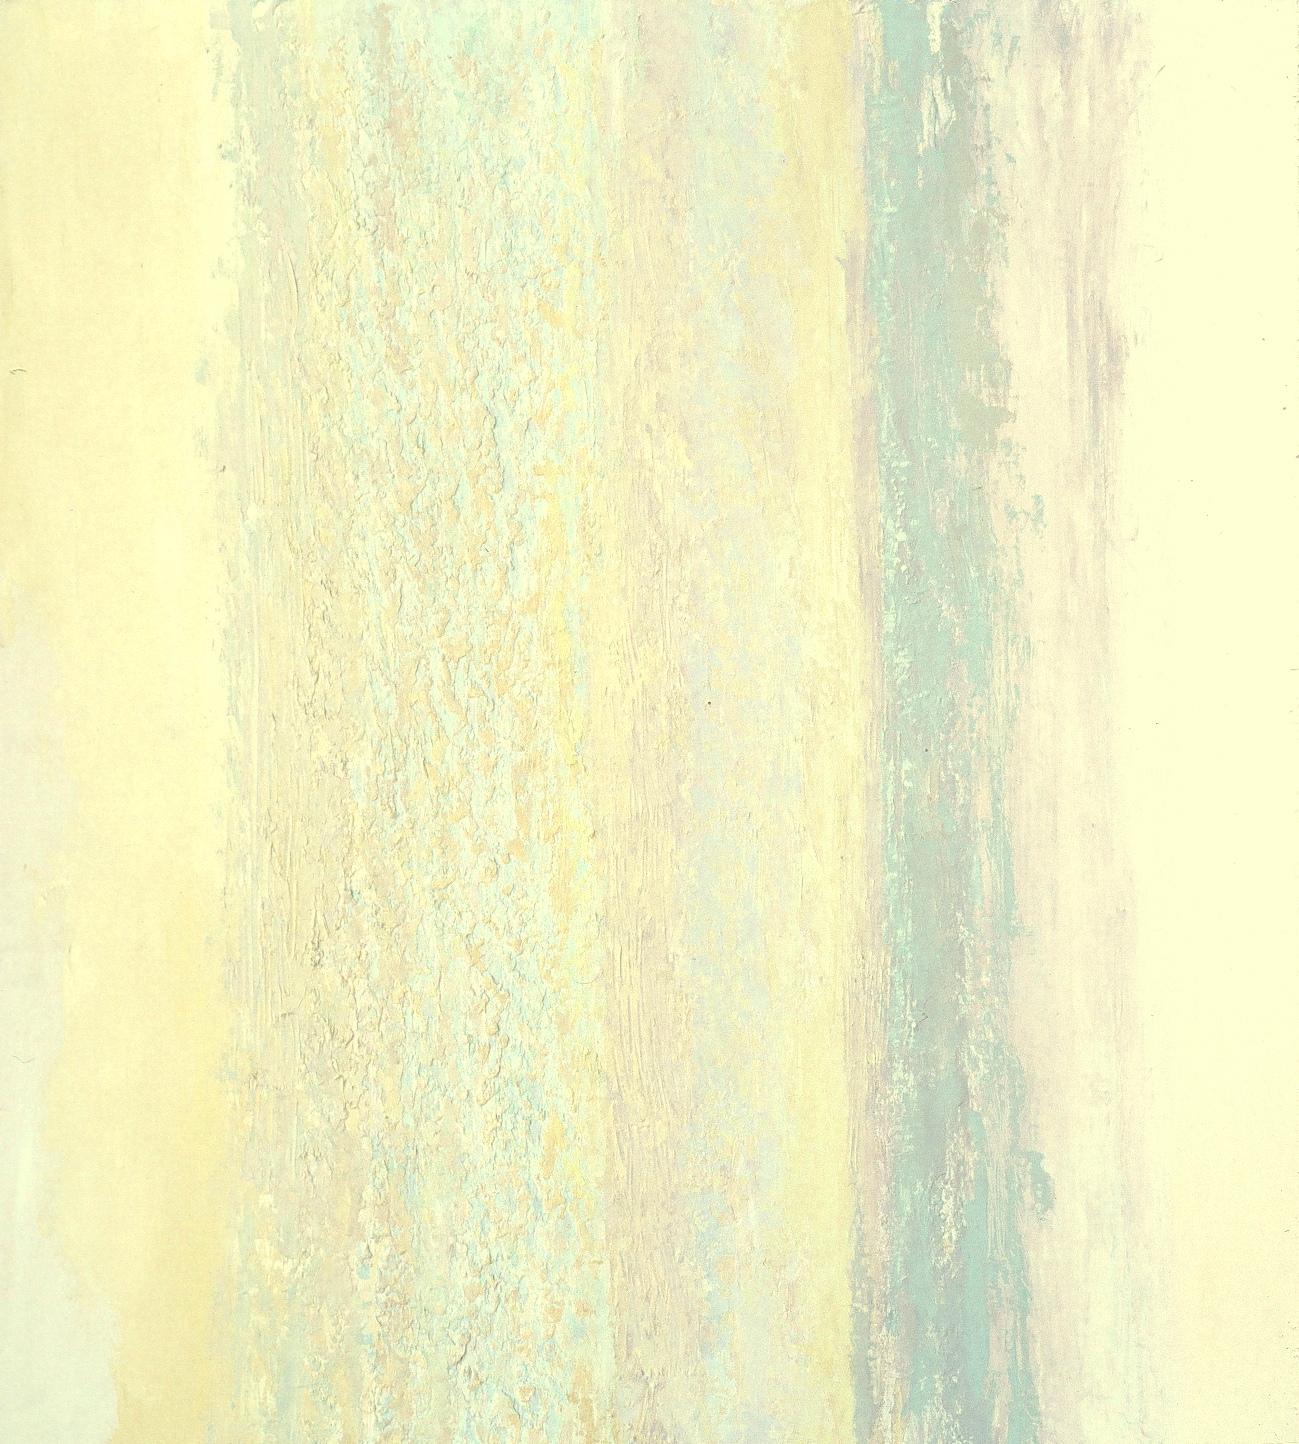 S. Sutro, Noon, oil on canvas, 42x38, 1997.jpg